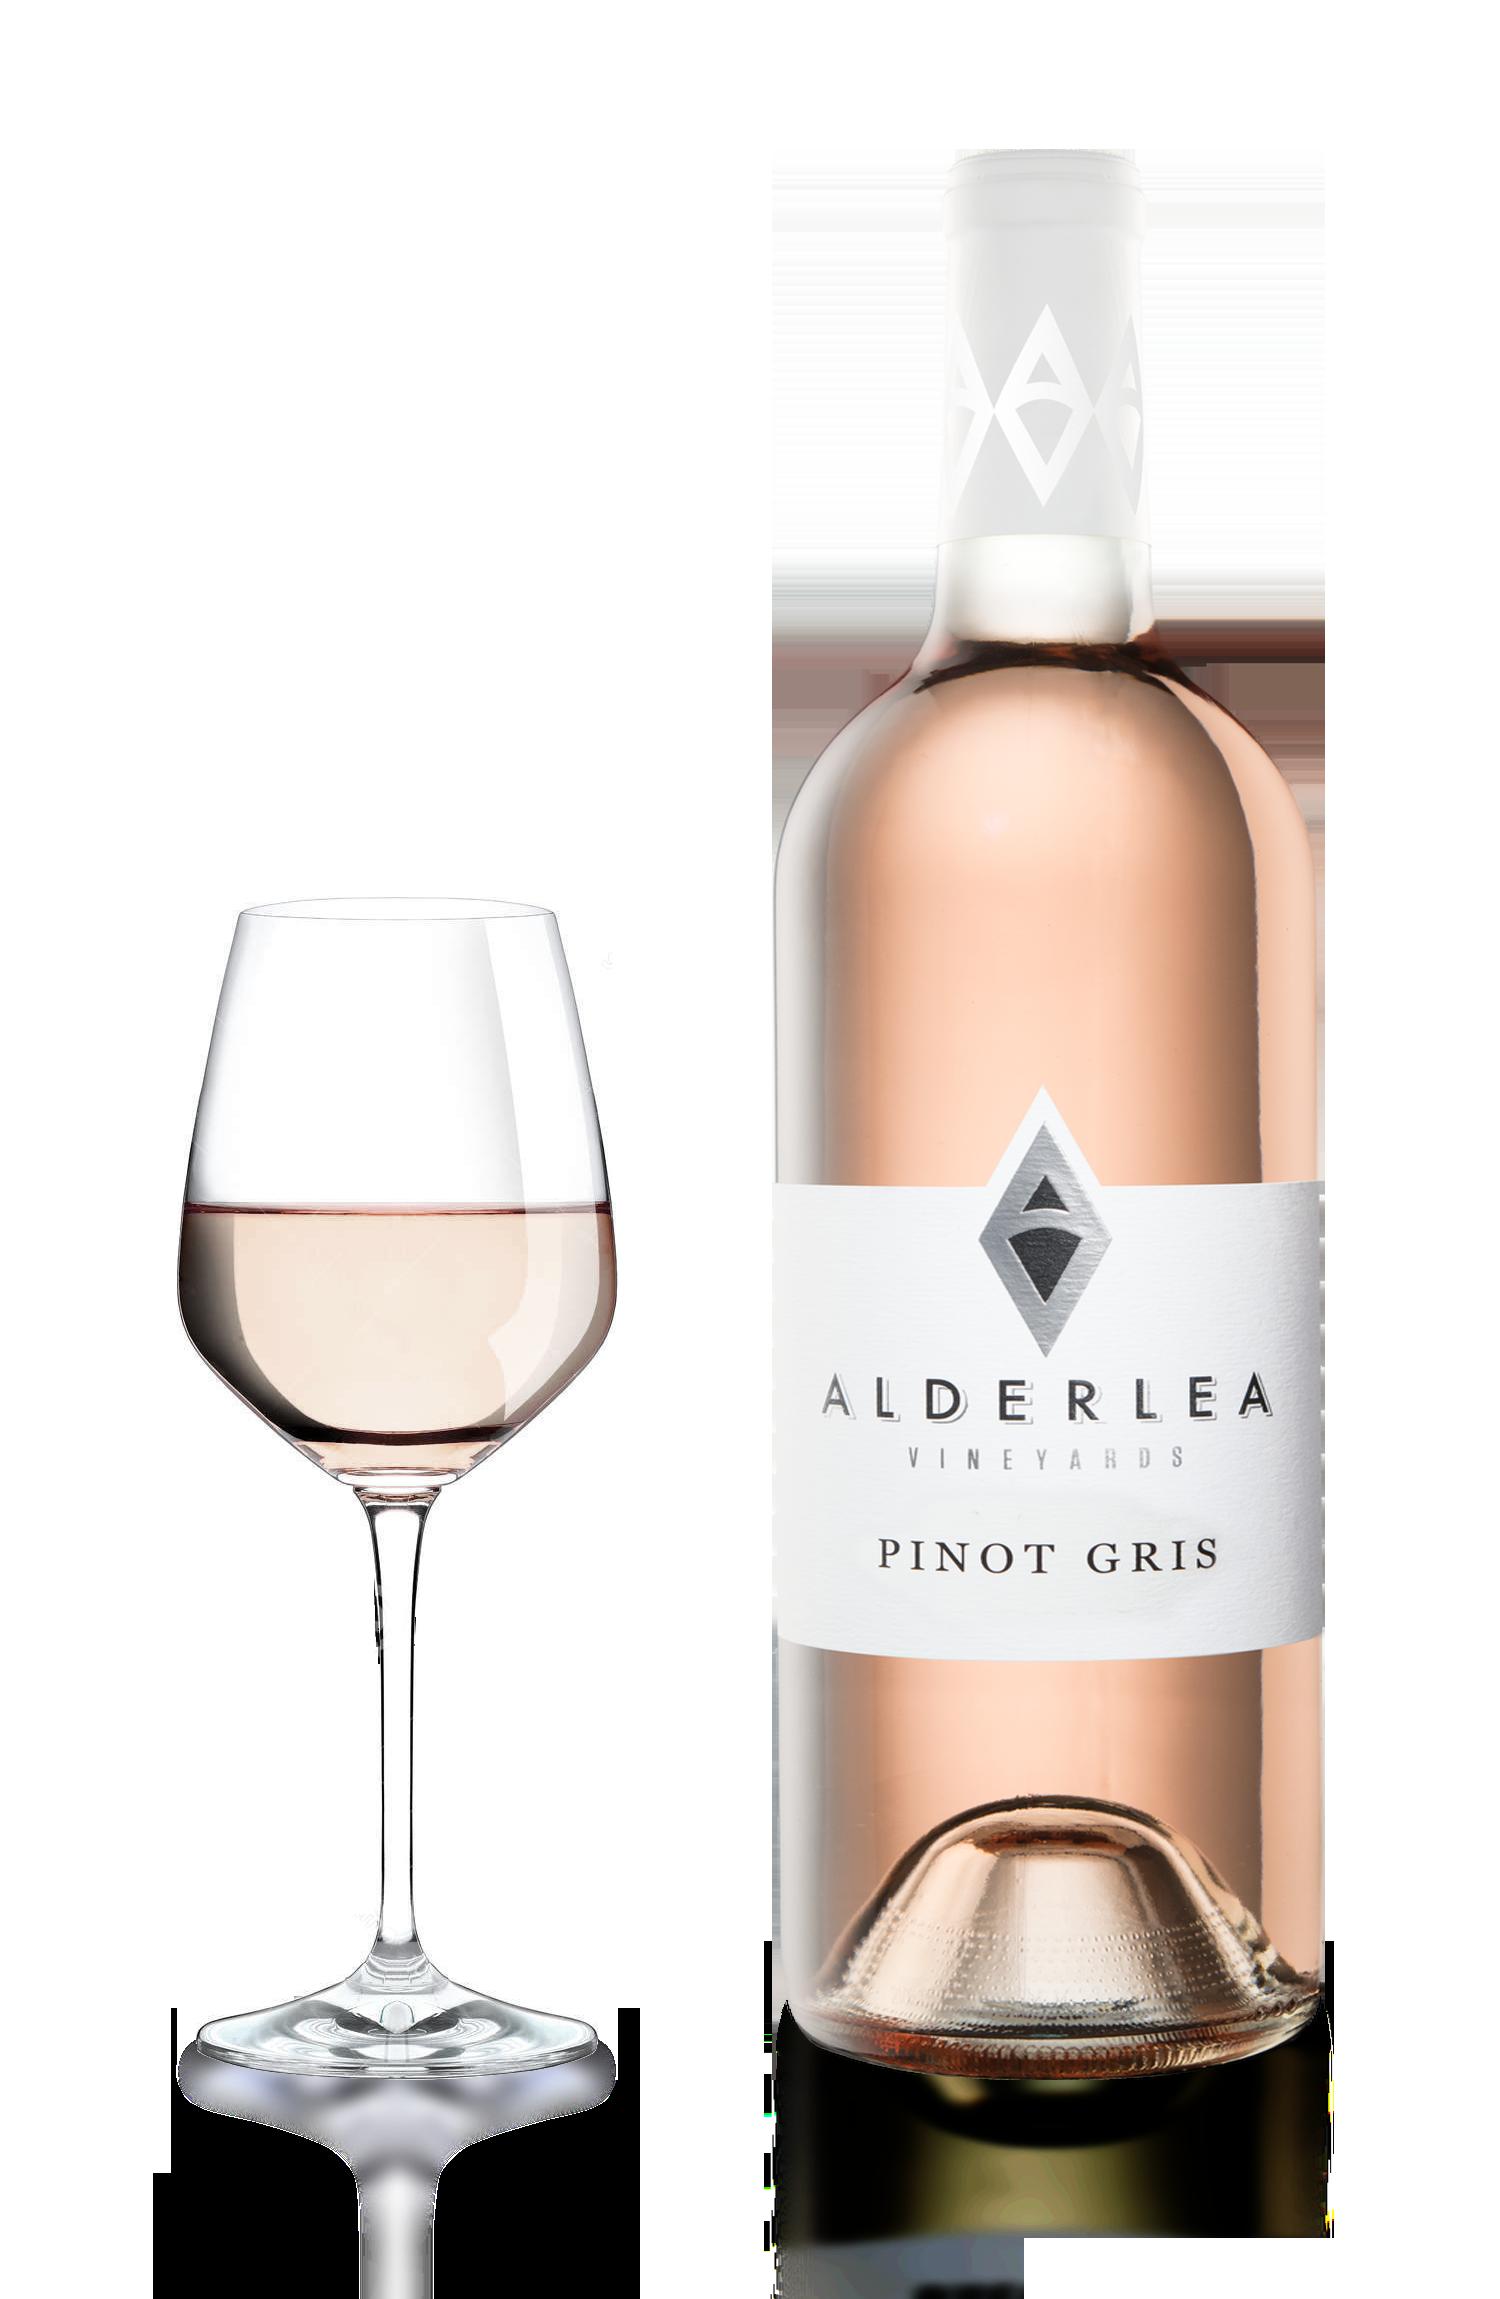 Alderlea Pinot Gris